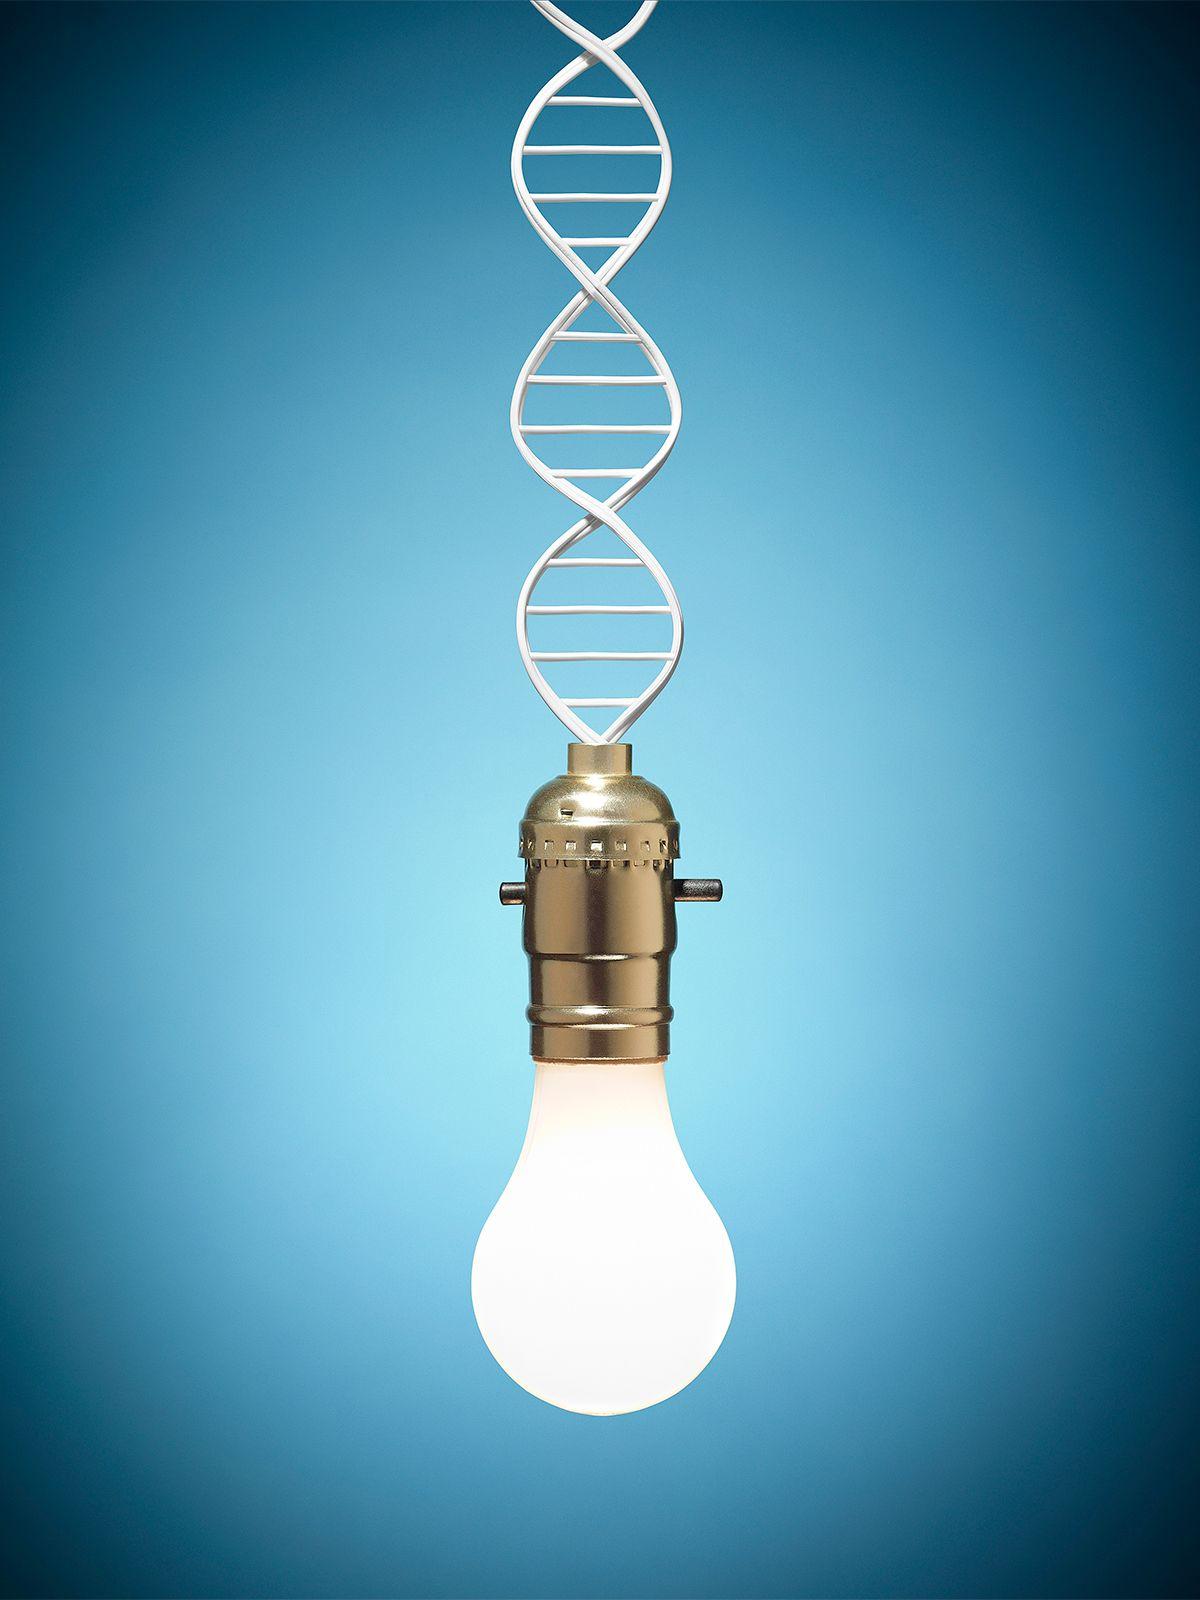 DNA_LightBulb_Workbook.jpg